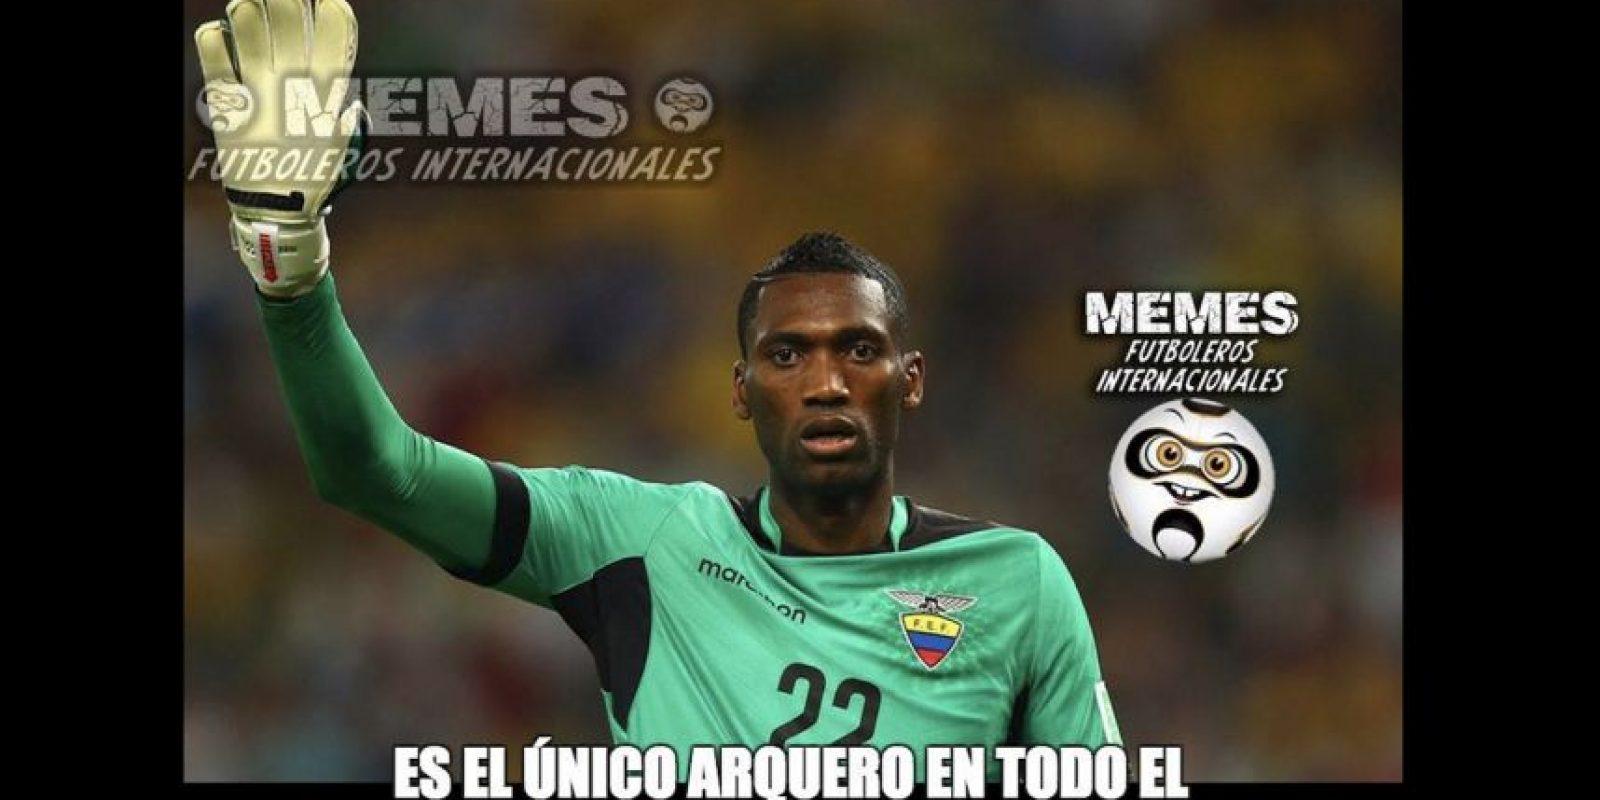 Ecuador perdió 3-1 ante Colombia. Foto:Vía facebook.com/Memes-Futboleros-Internacionales-785576564852677